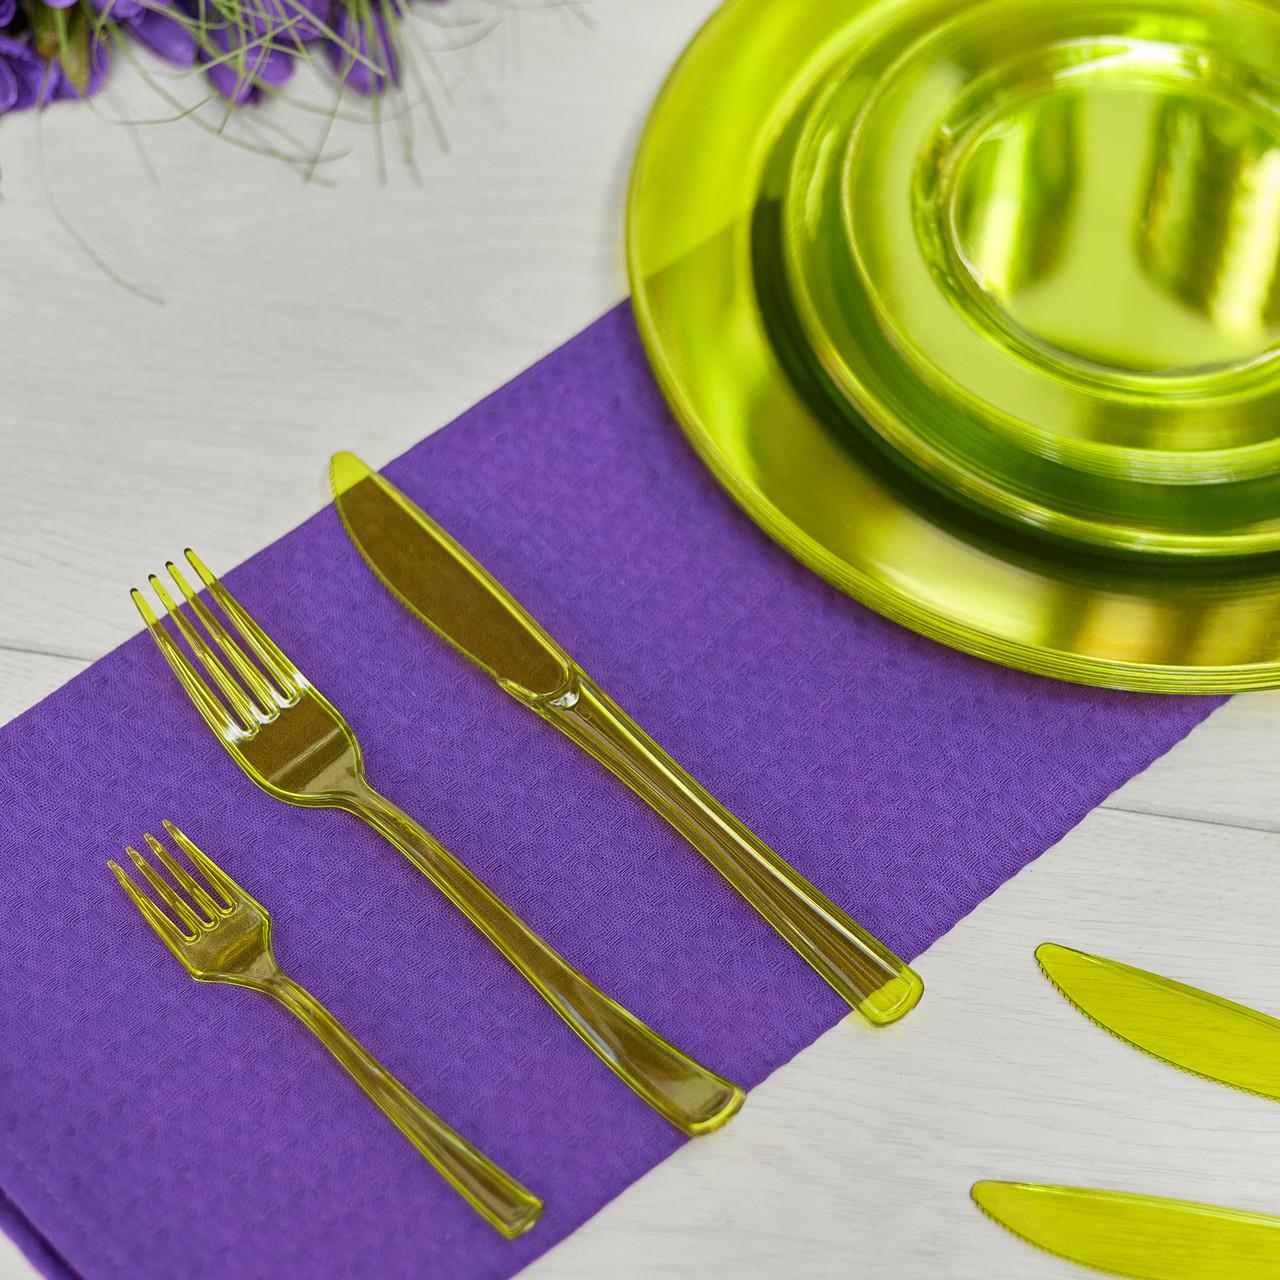 Ножи одноразовые плотные для корпоративов, фуршетов, event.  Capital For People 12 шт 200 мм